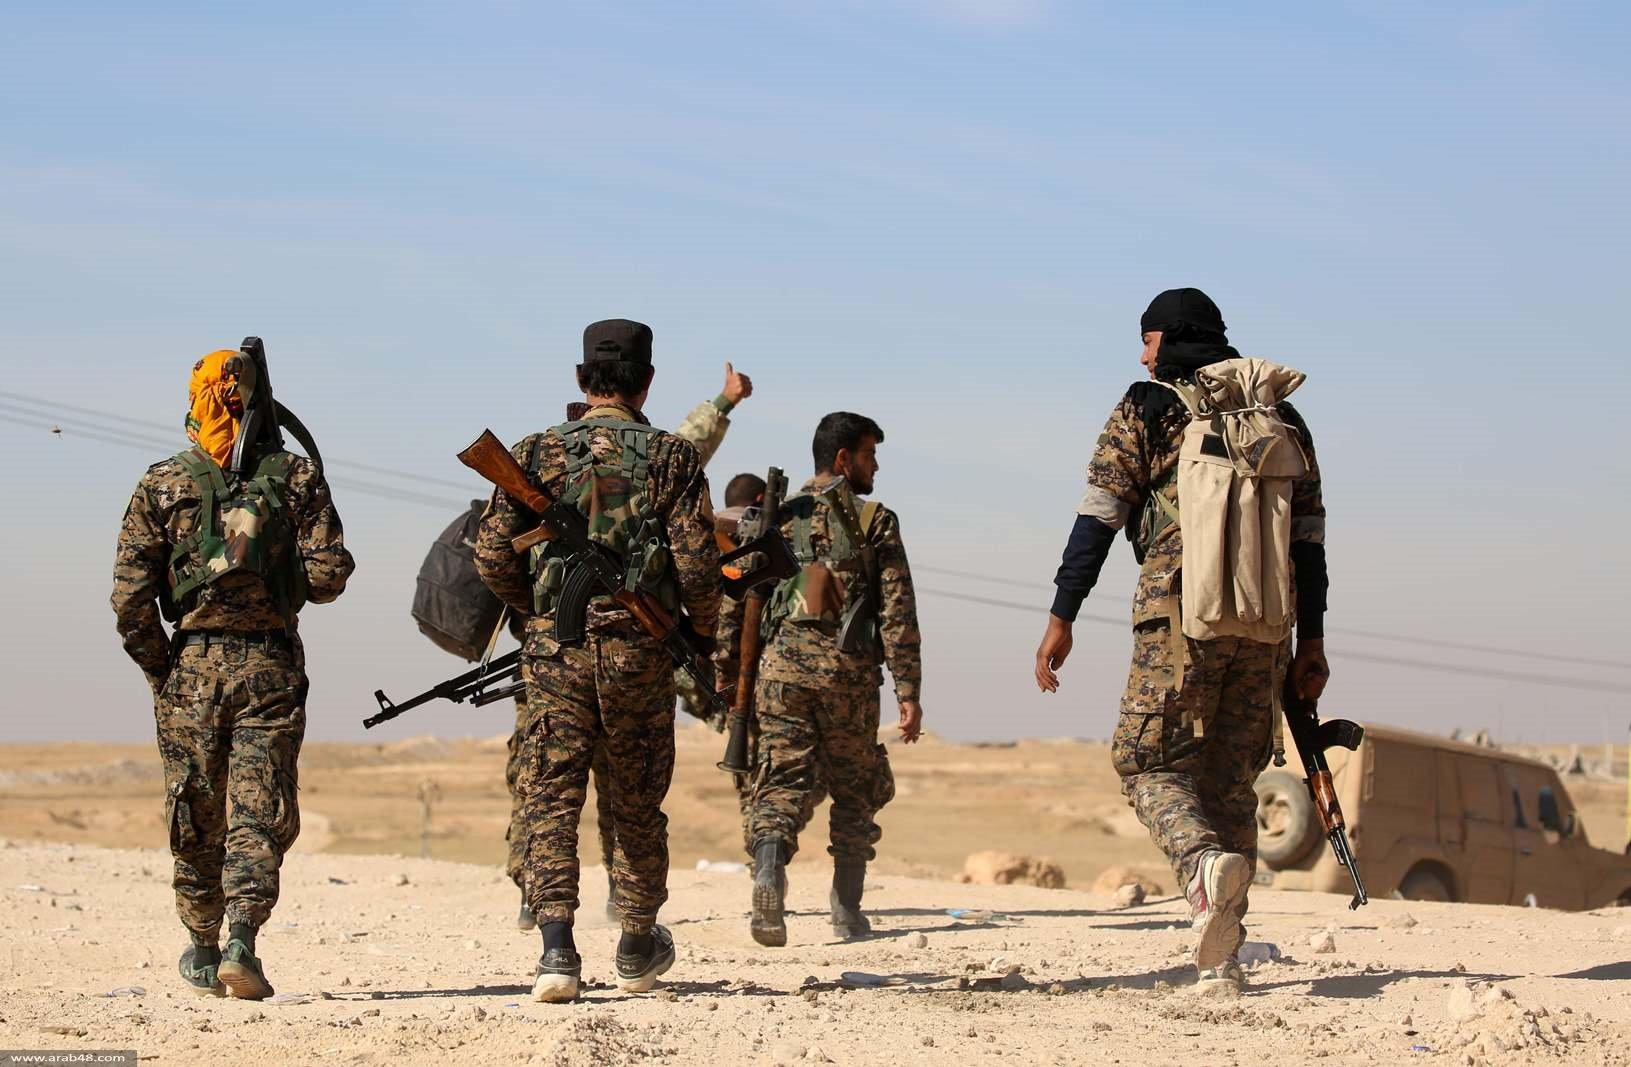 حصيلة مرعبة لهجمات داعش في سوريا والعراق خلال شهر واحد.. تعرف عليها